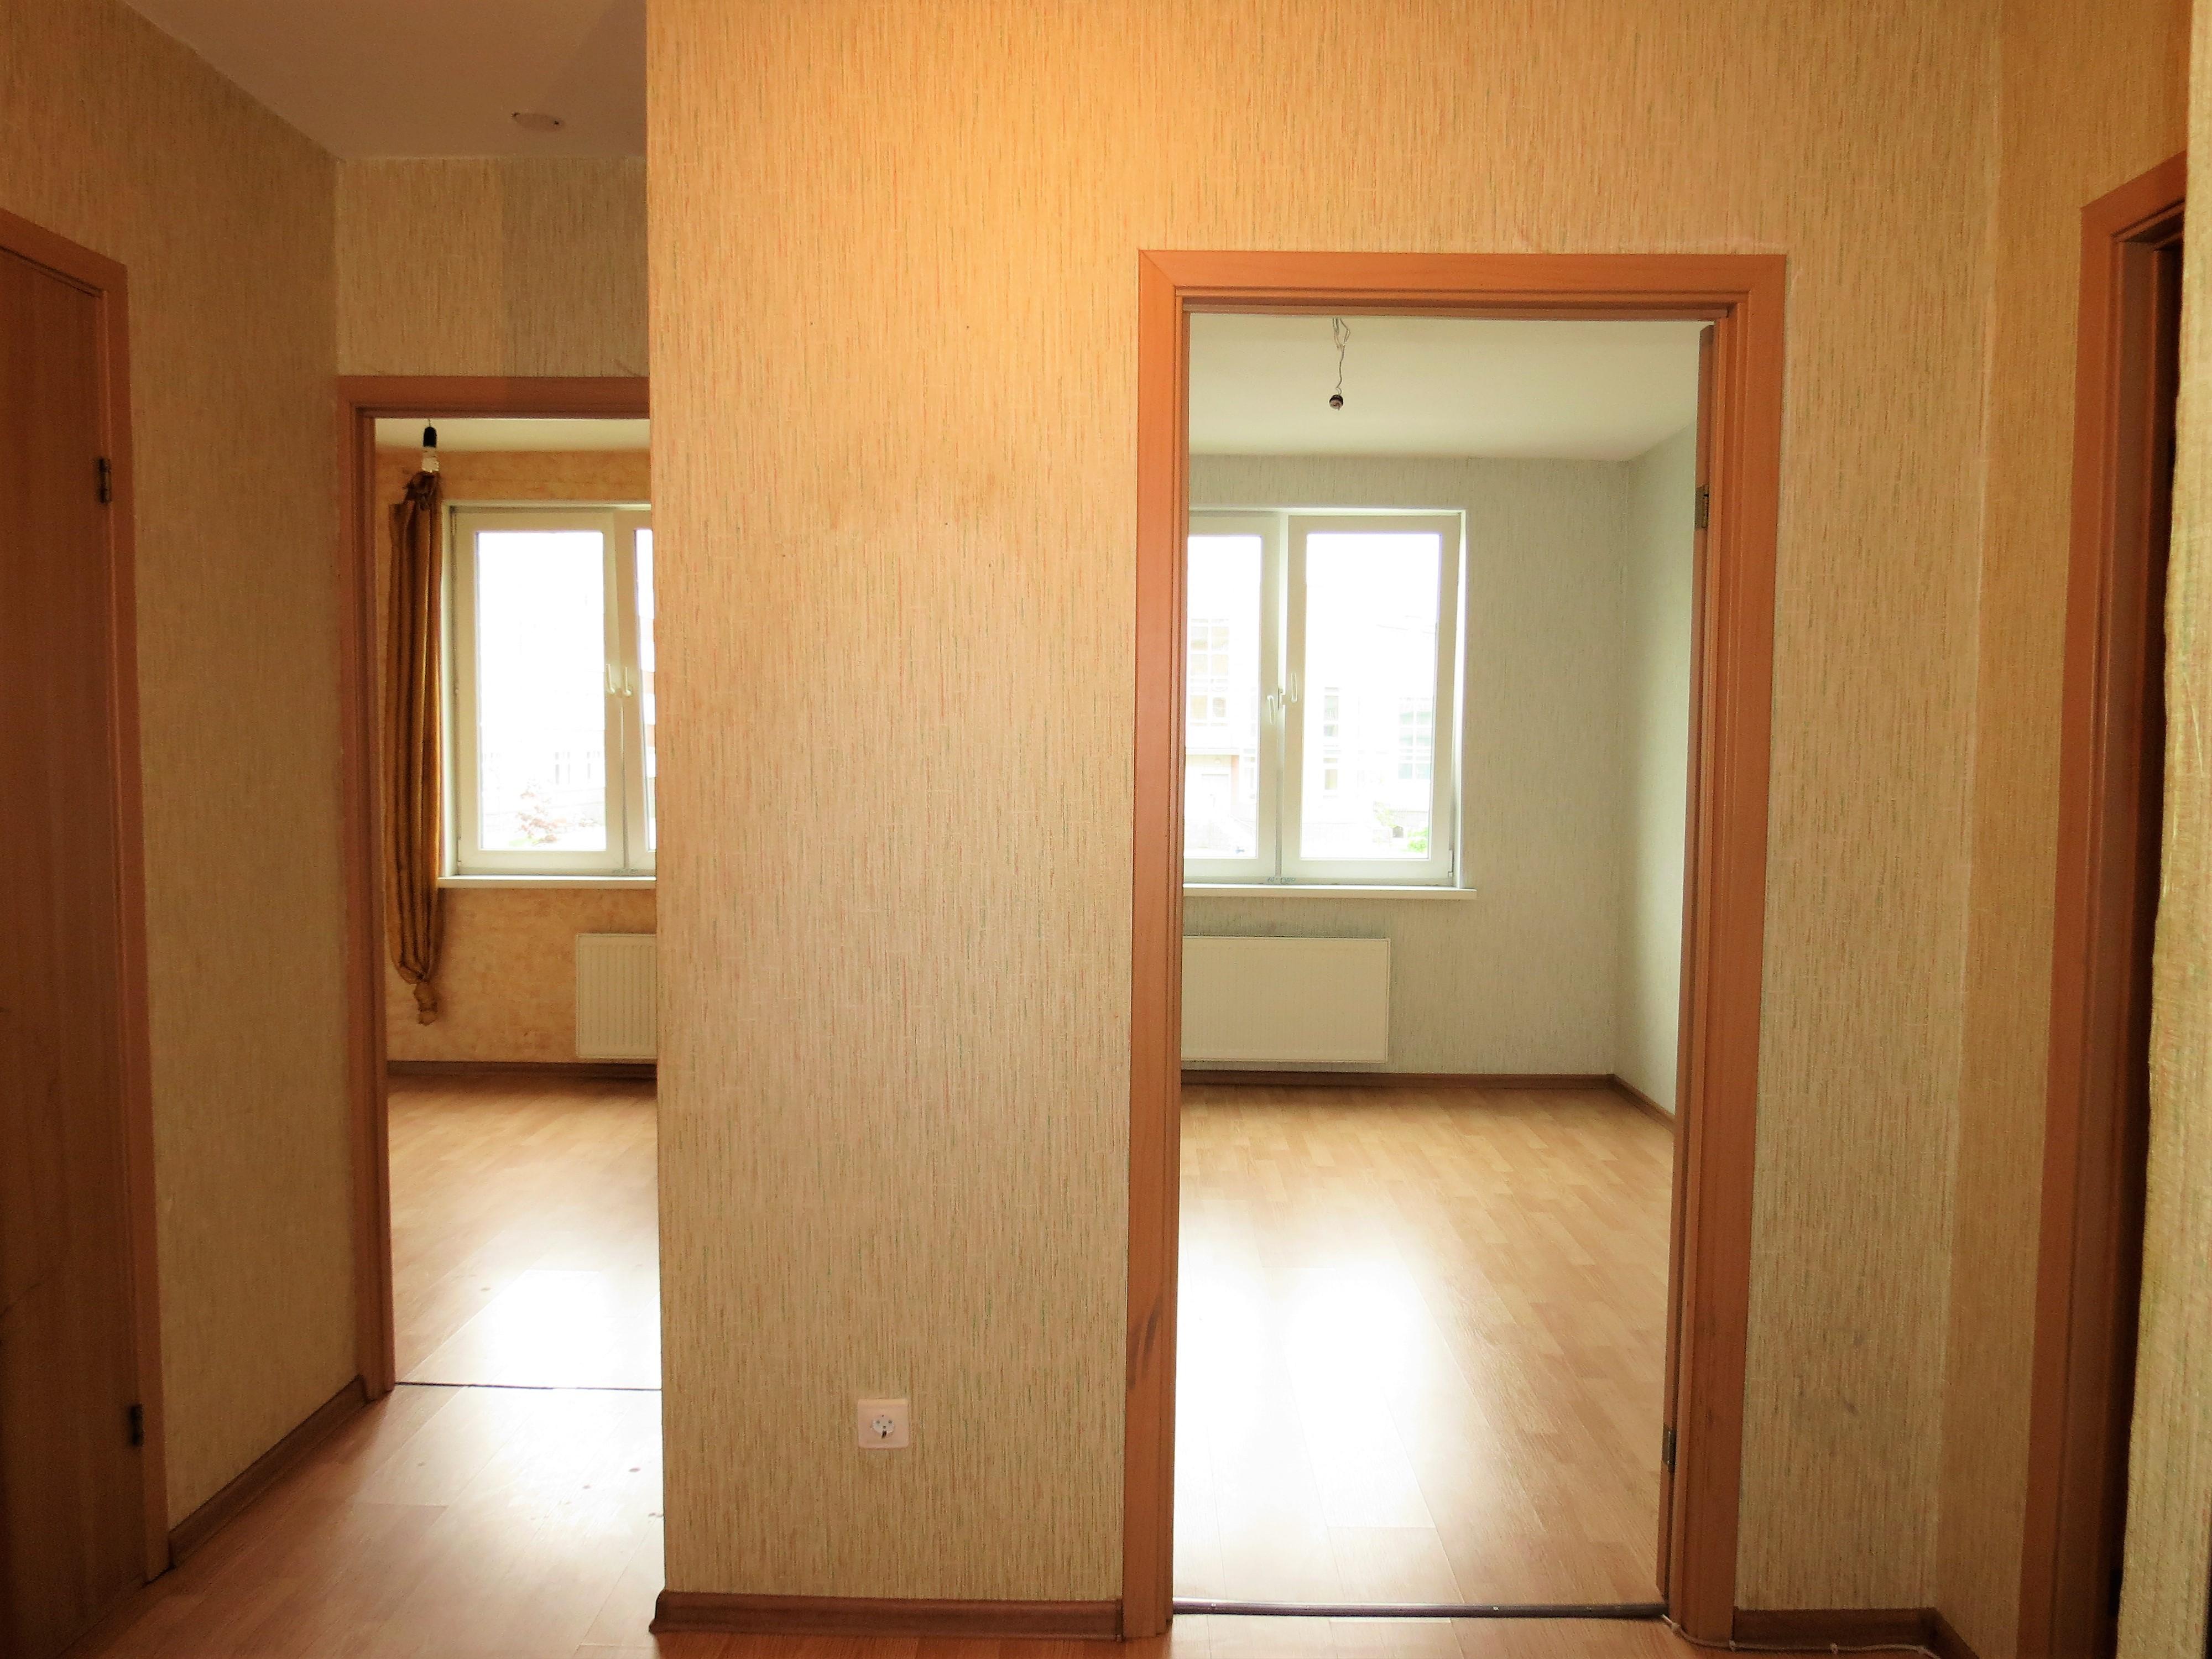 санкт-петербург прода вторичного жилья студии шушаоы конечной фазе